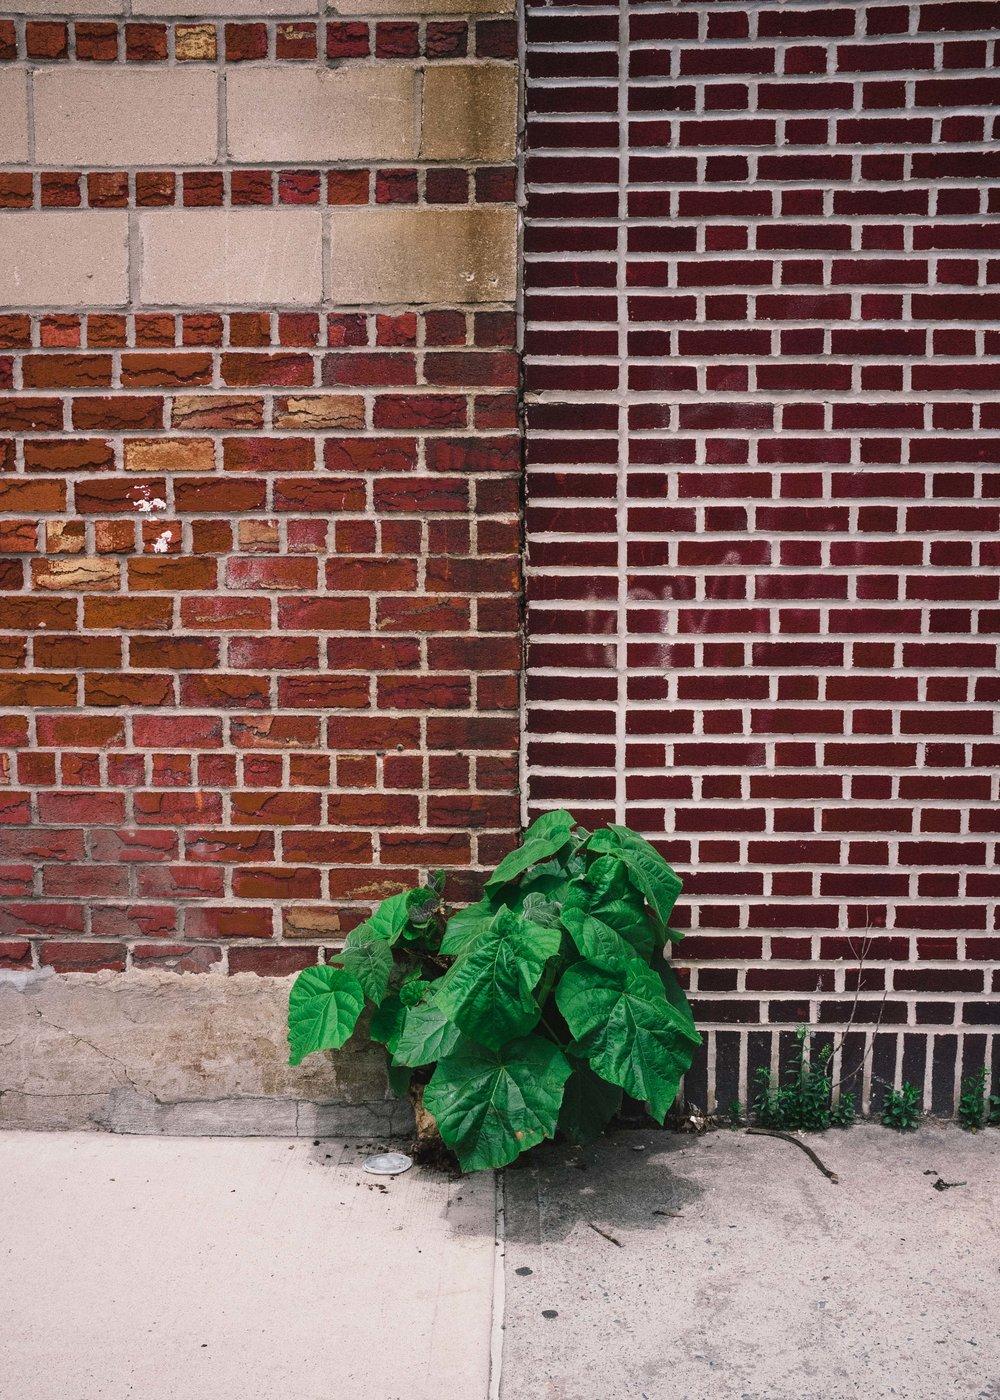 Gowanus, Brooklyn;2015